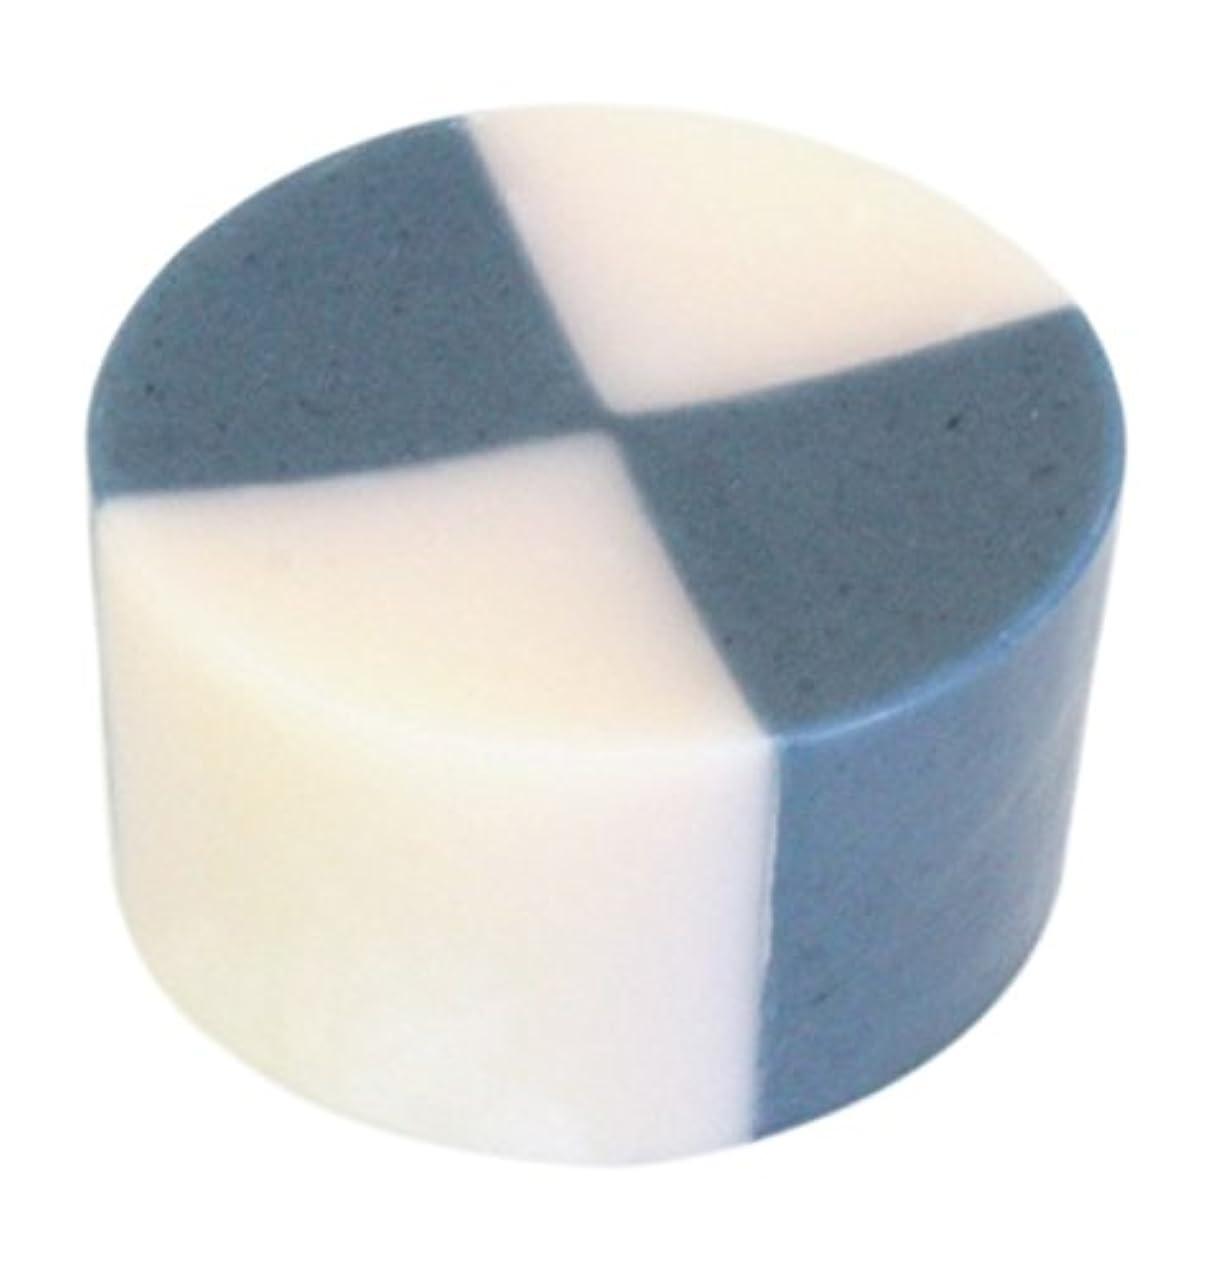 藤色ボルト黒人藍色工房 藍染め石けん「いちまつ」(60g)